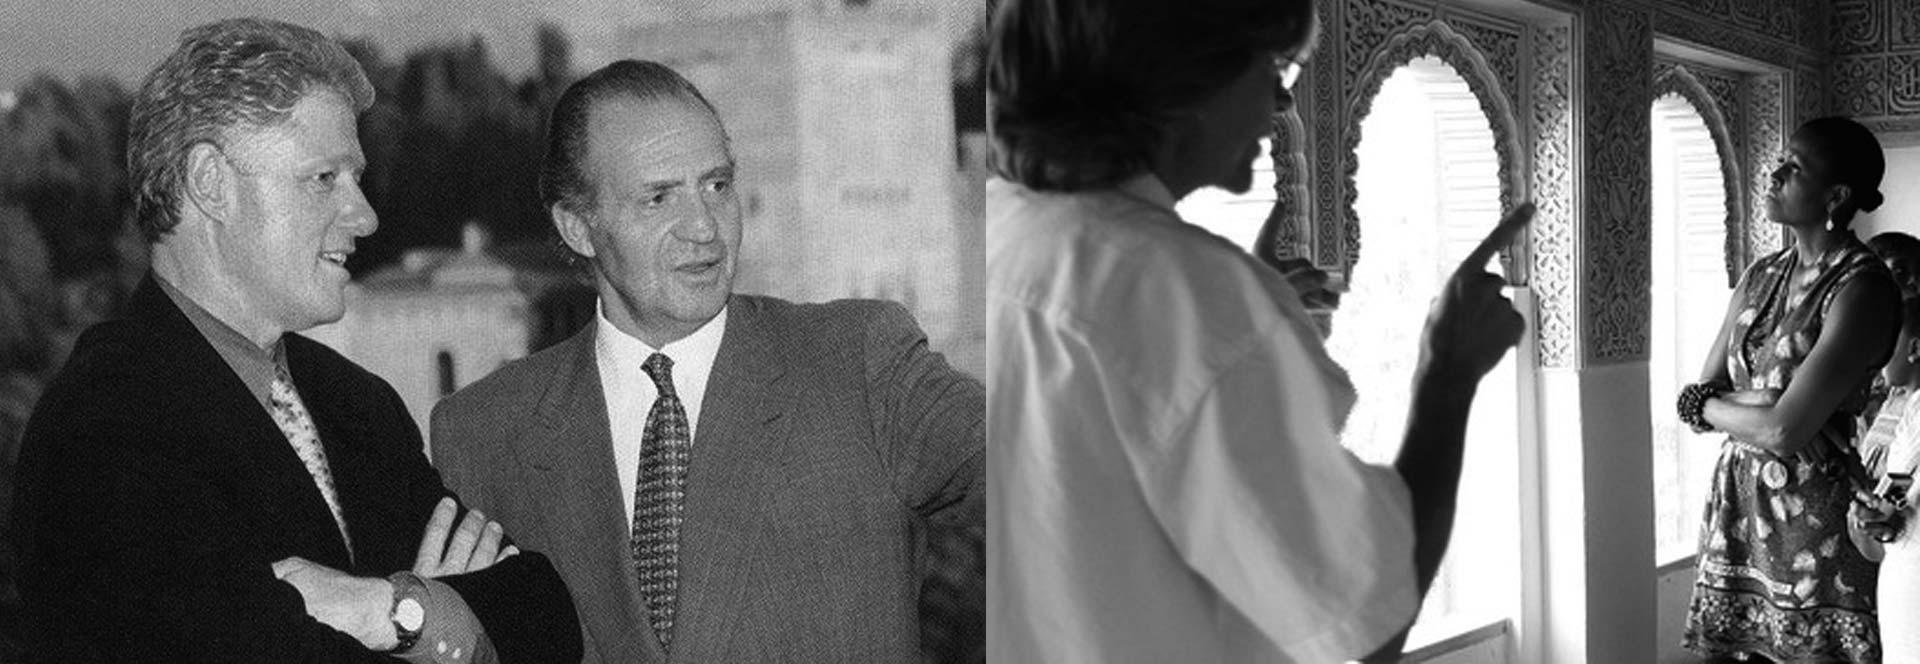 Famosos en Granada: Clinton y el Rey Juan Carlos / Sñora. Obama en La Alhambra